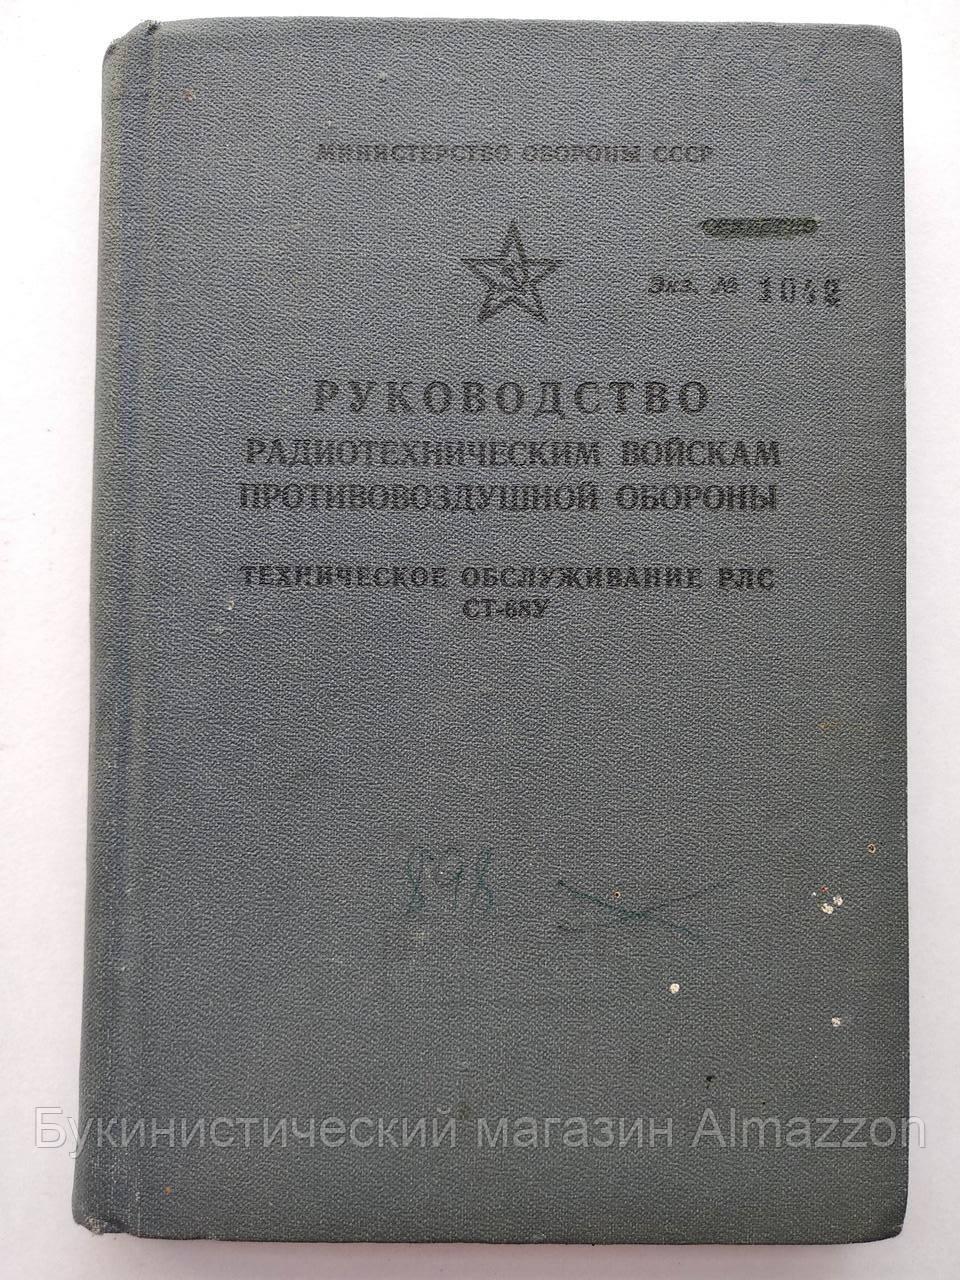 Руководство радиотехническим войскам противовоздушной обороны Техническое обслуживание РЛС СТ-68У